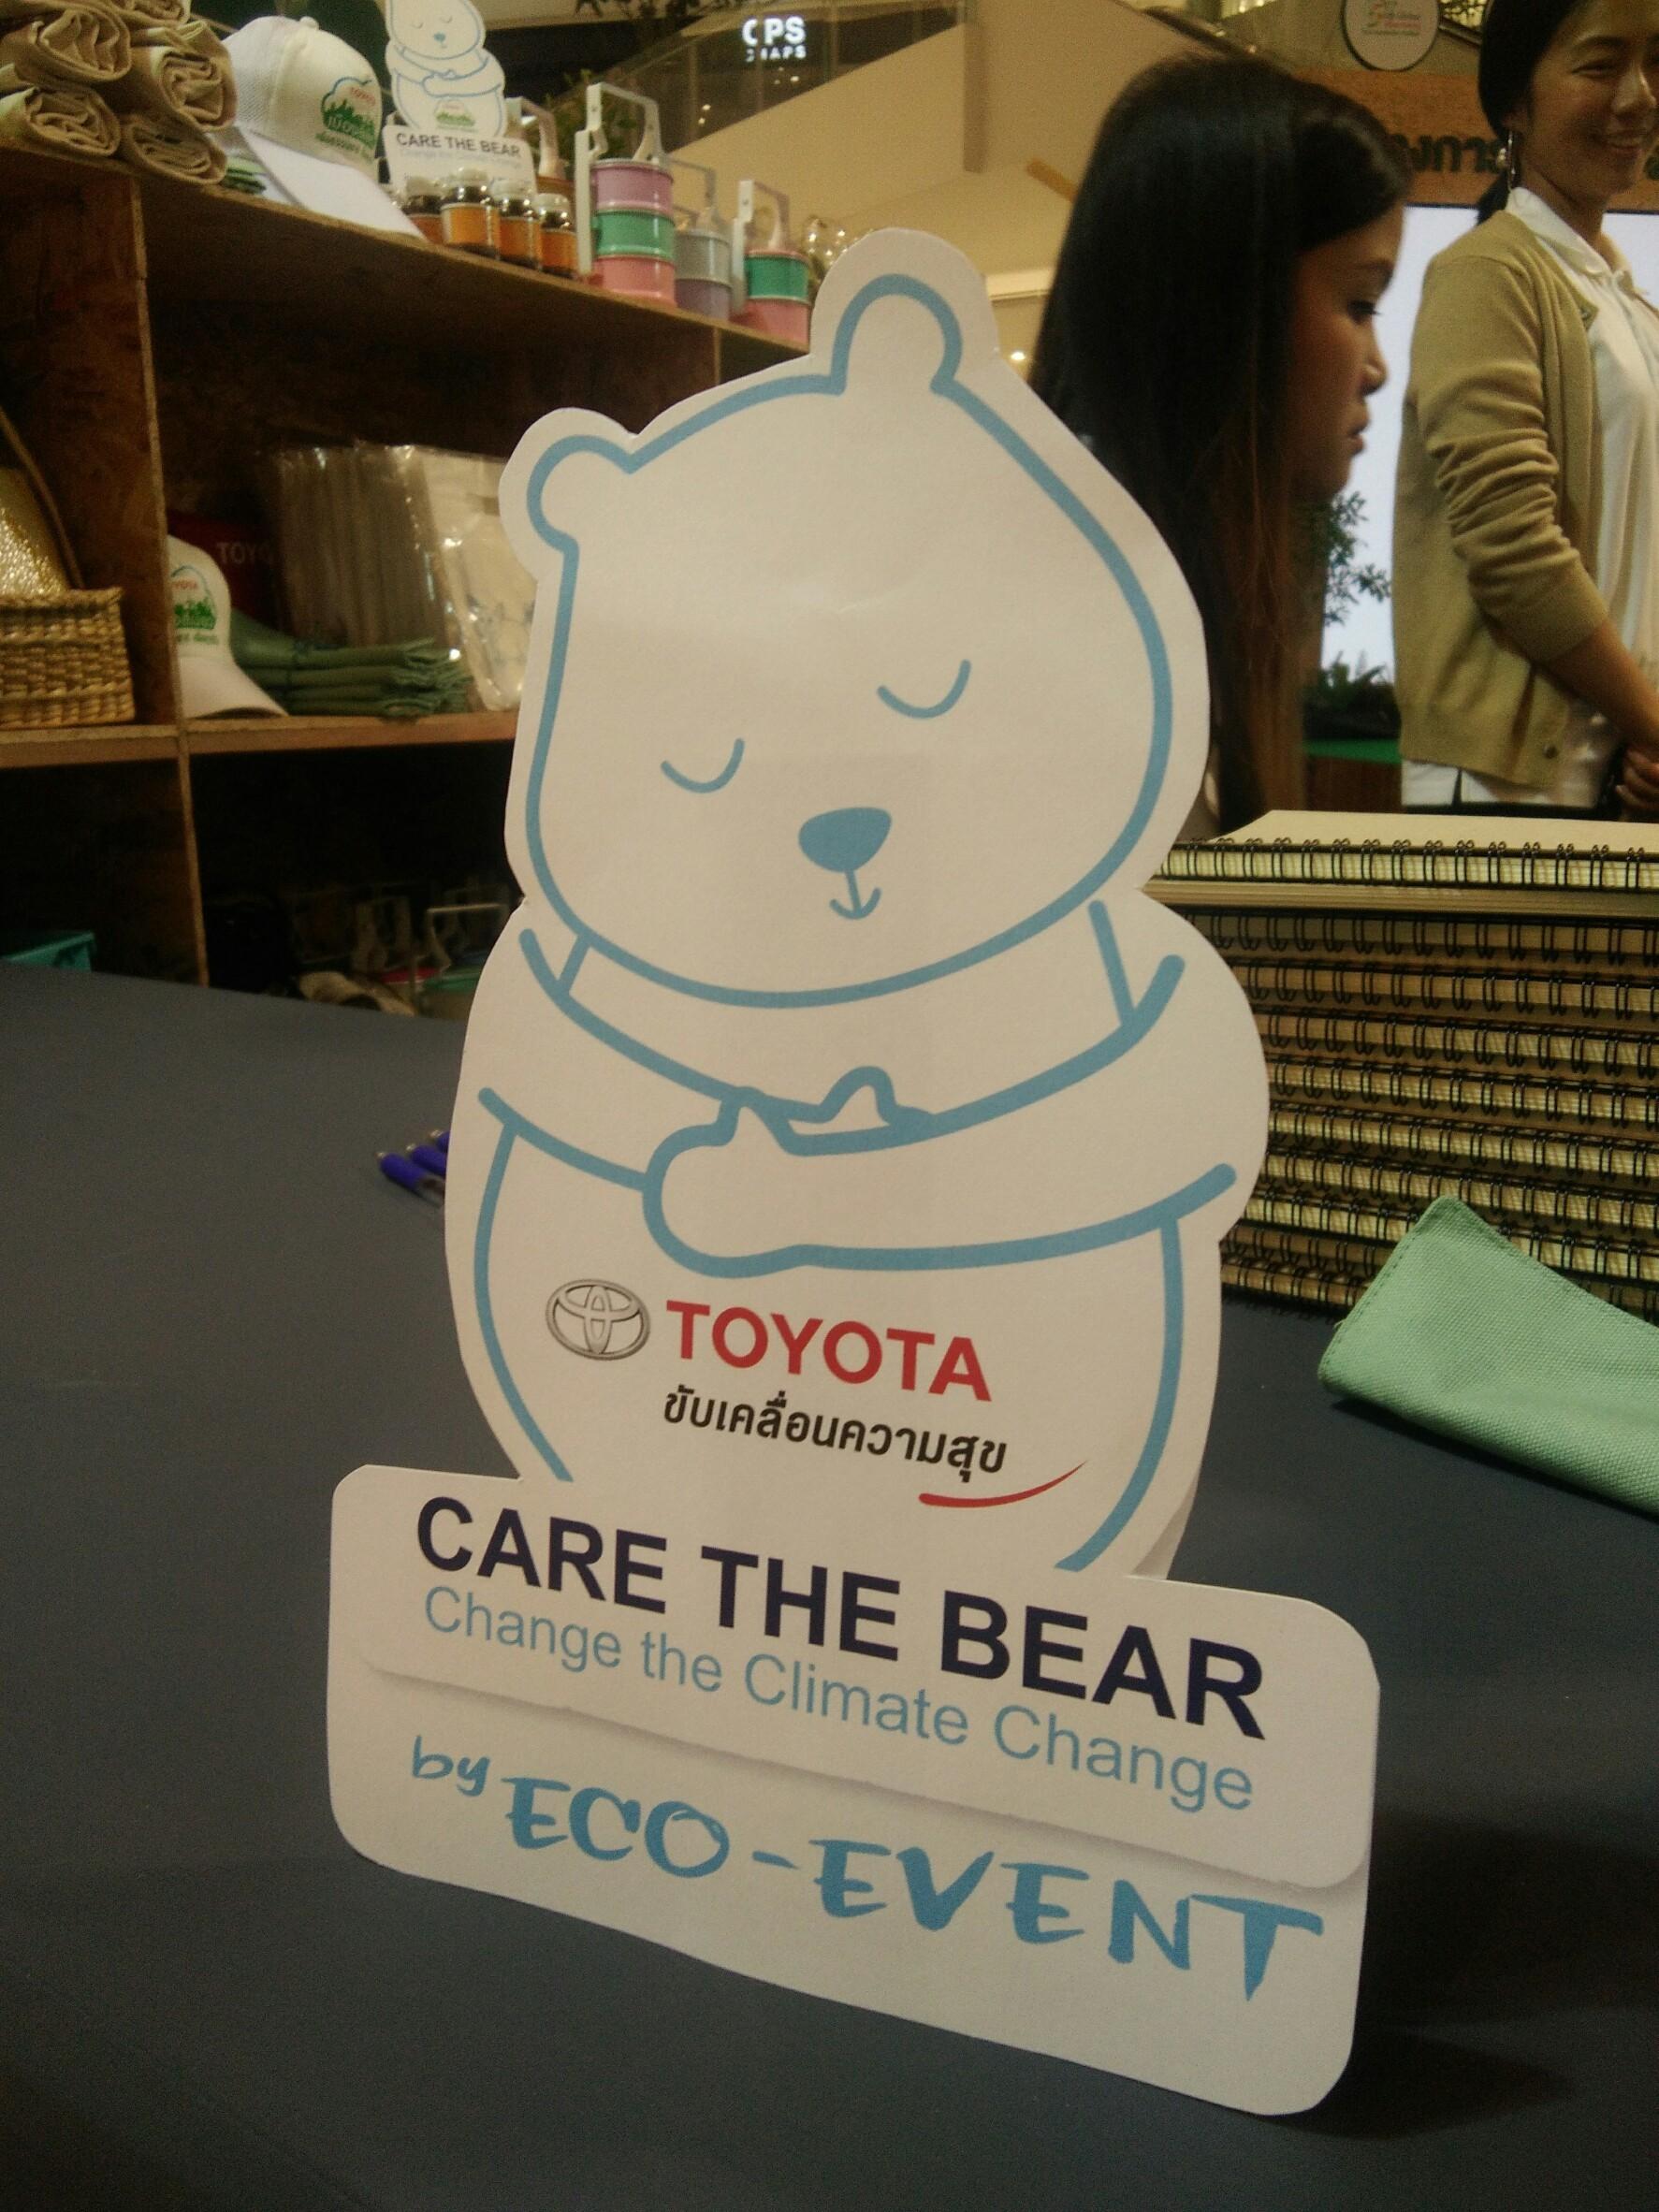 โตโยต้า เข้าร่วมโครงการ Care the Bear จัดงานมอบรางวัลโครงการลดเมืองร้อนด้วยมือเราปีที่ 13